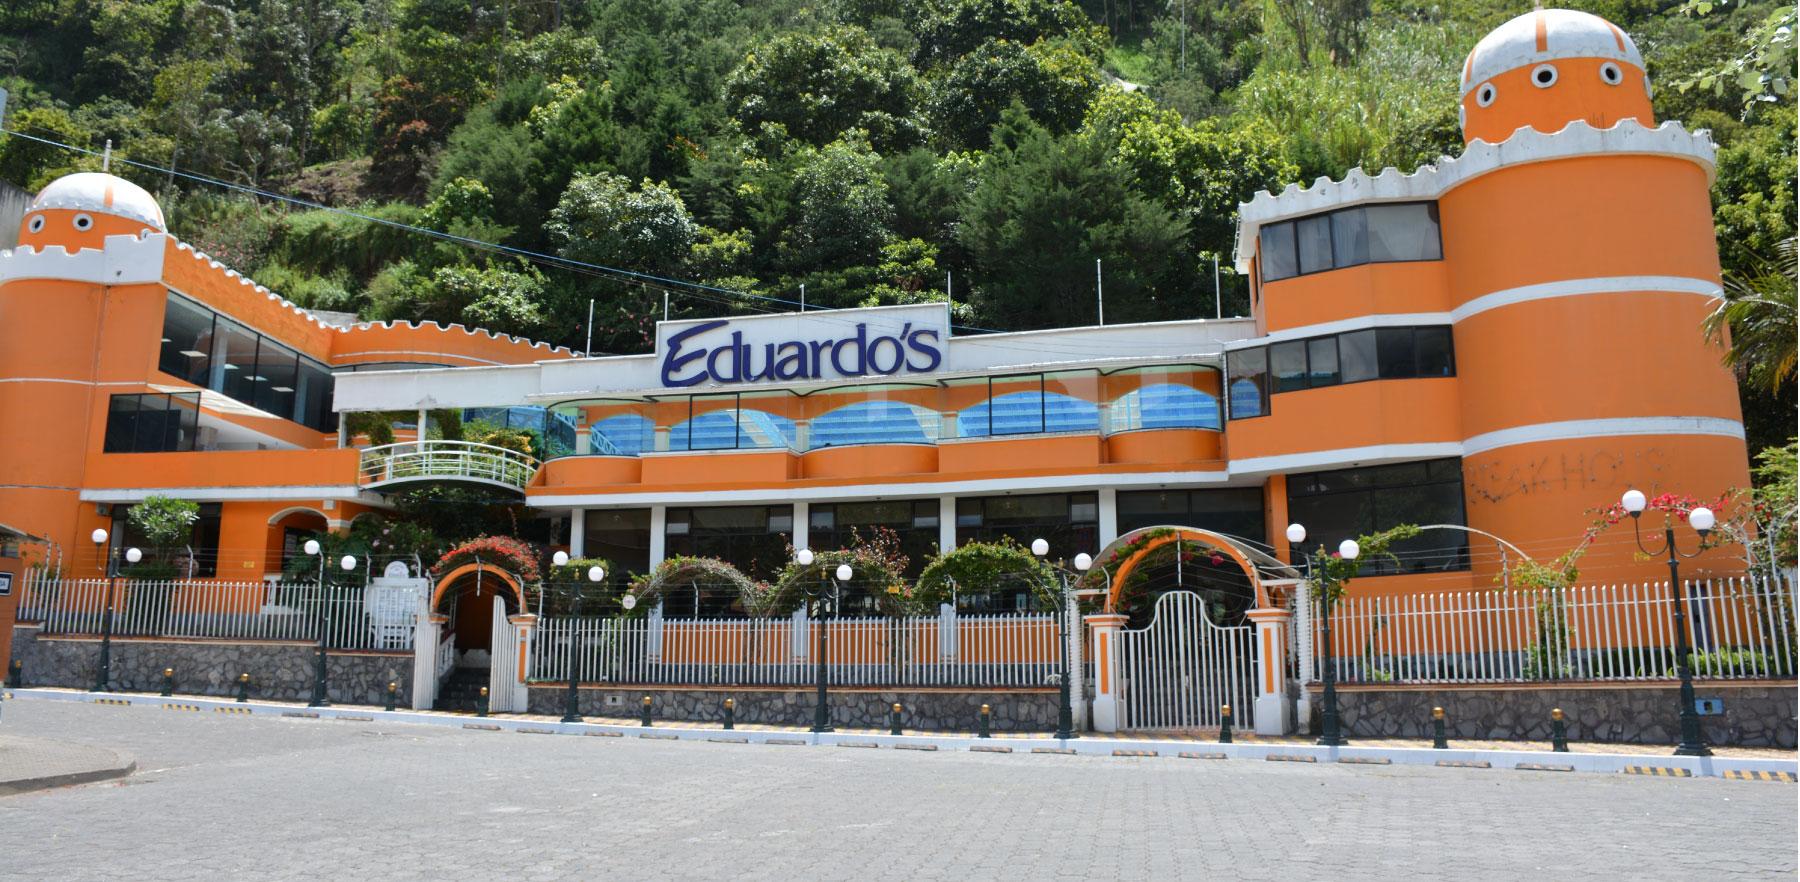 https://www.eduardosbanosecuador.com